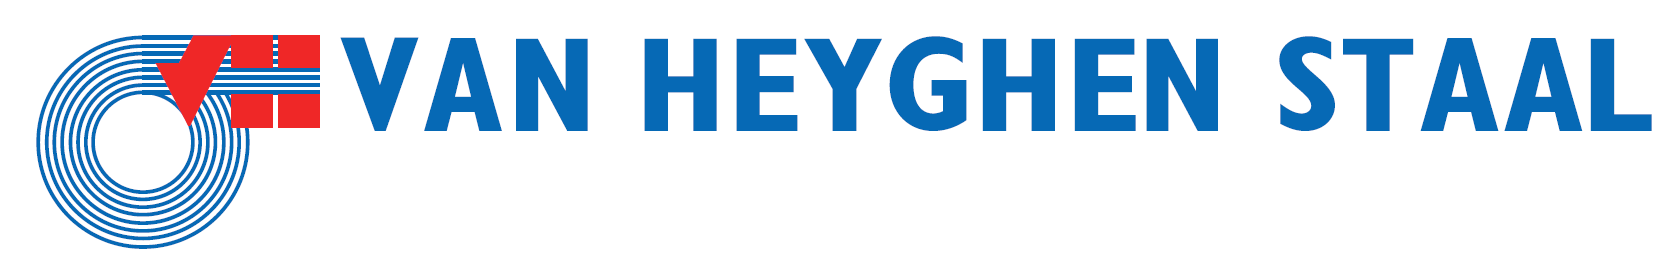 Van Heyghen Staal